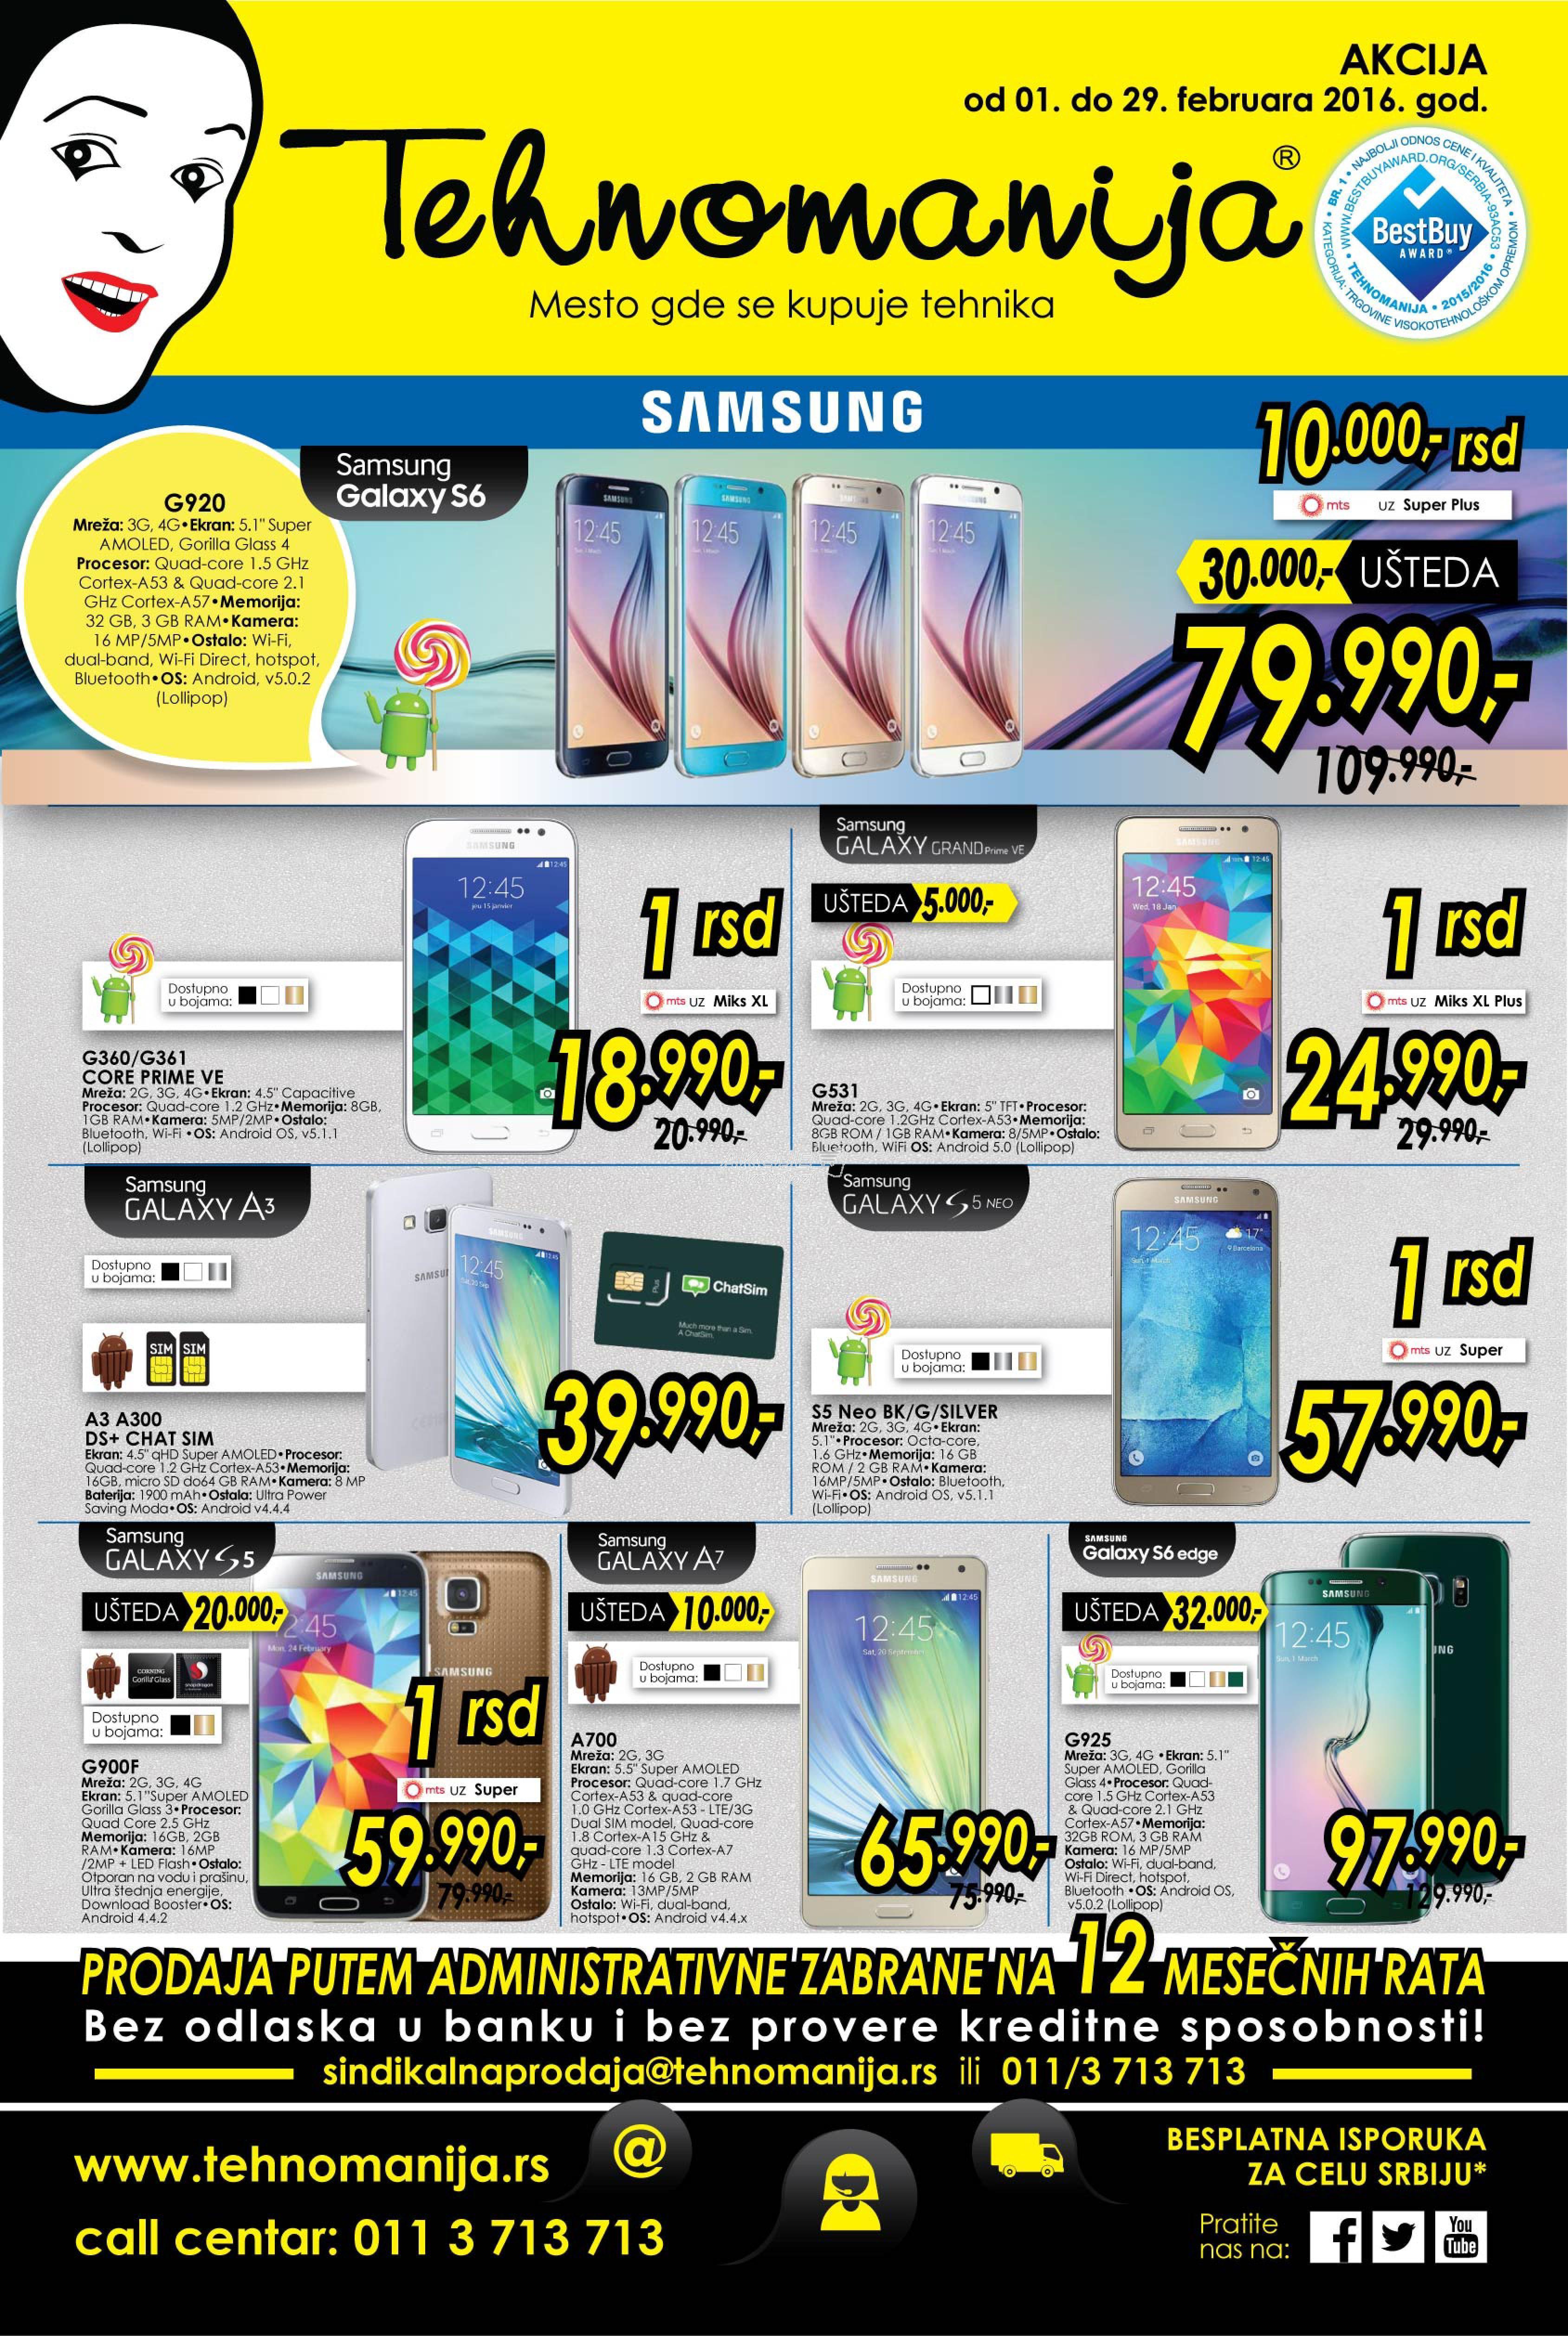 Tehnomanija akcija super cene mobilnih uređaja